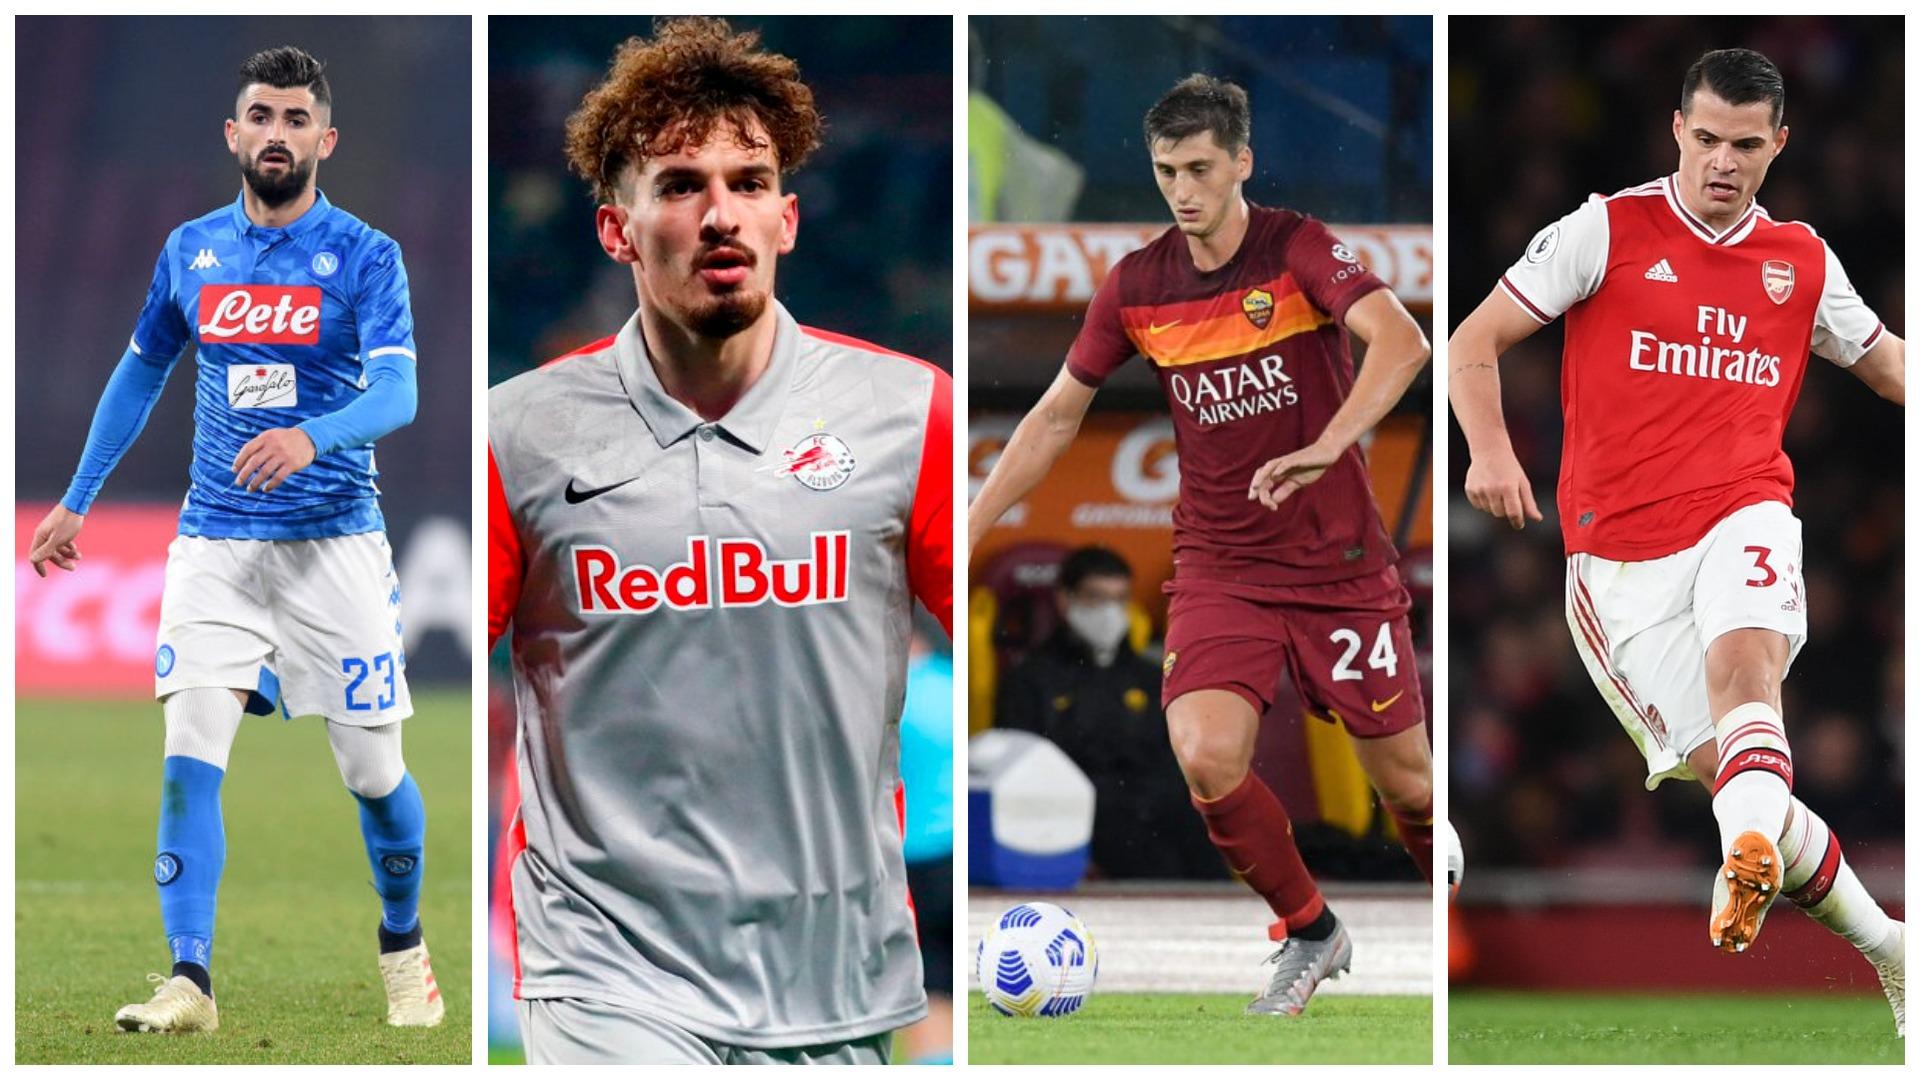 10 shqiptarë në Europa League: Derbi dhe përballje speciale, zbuloni rivalët e tyre